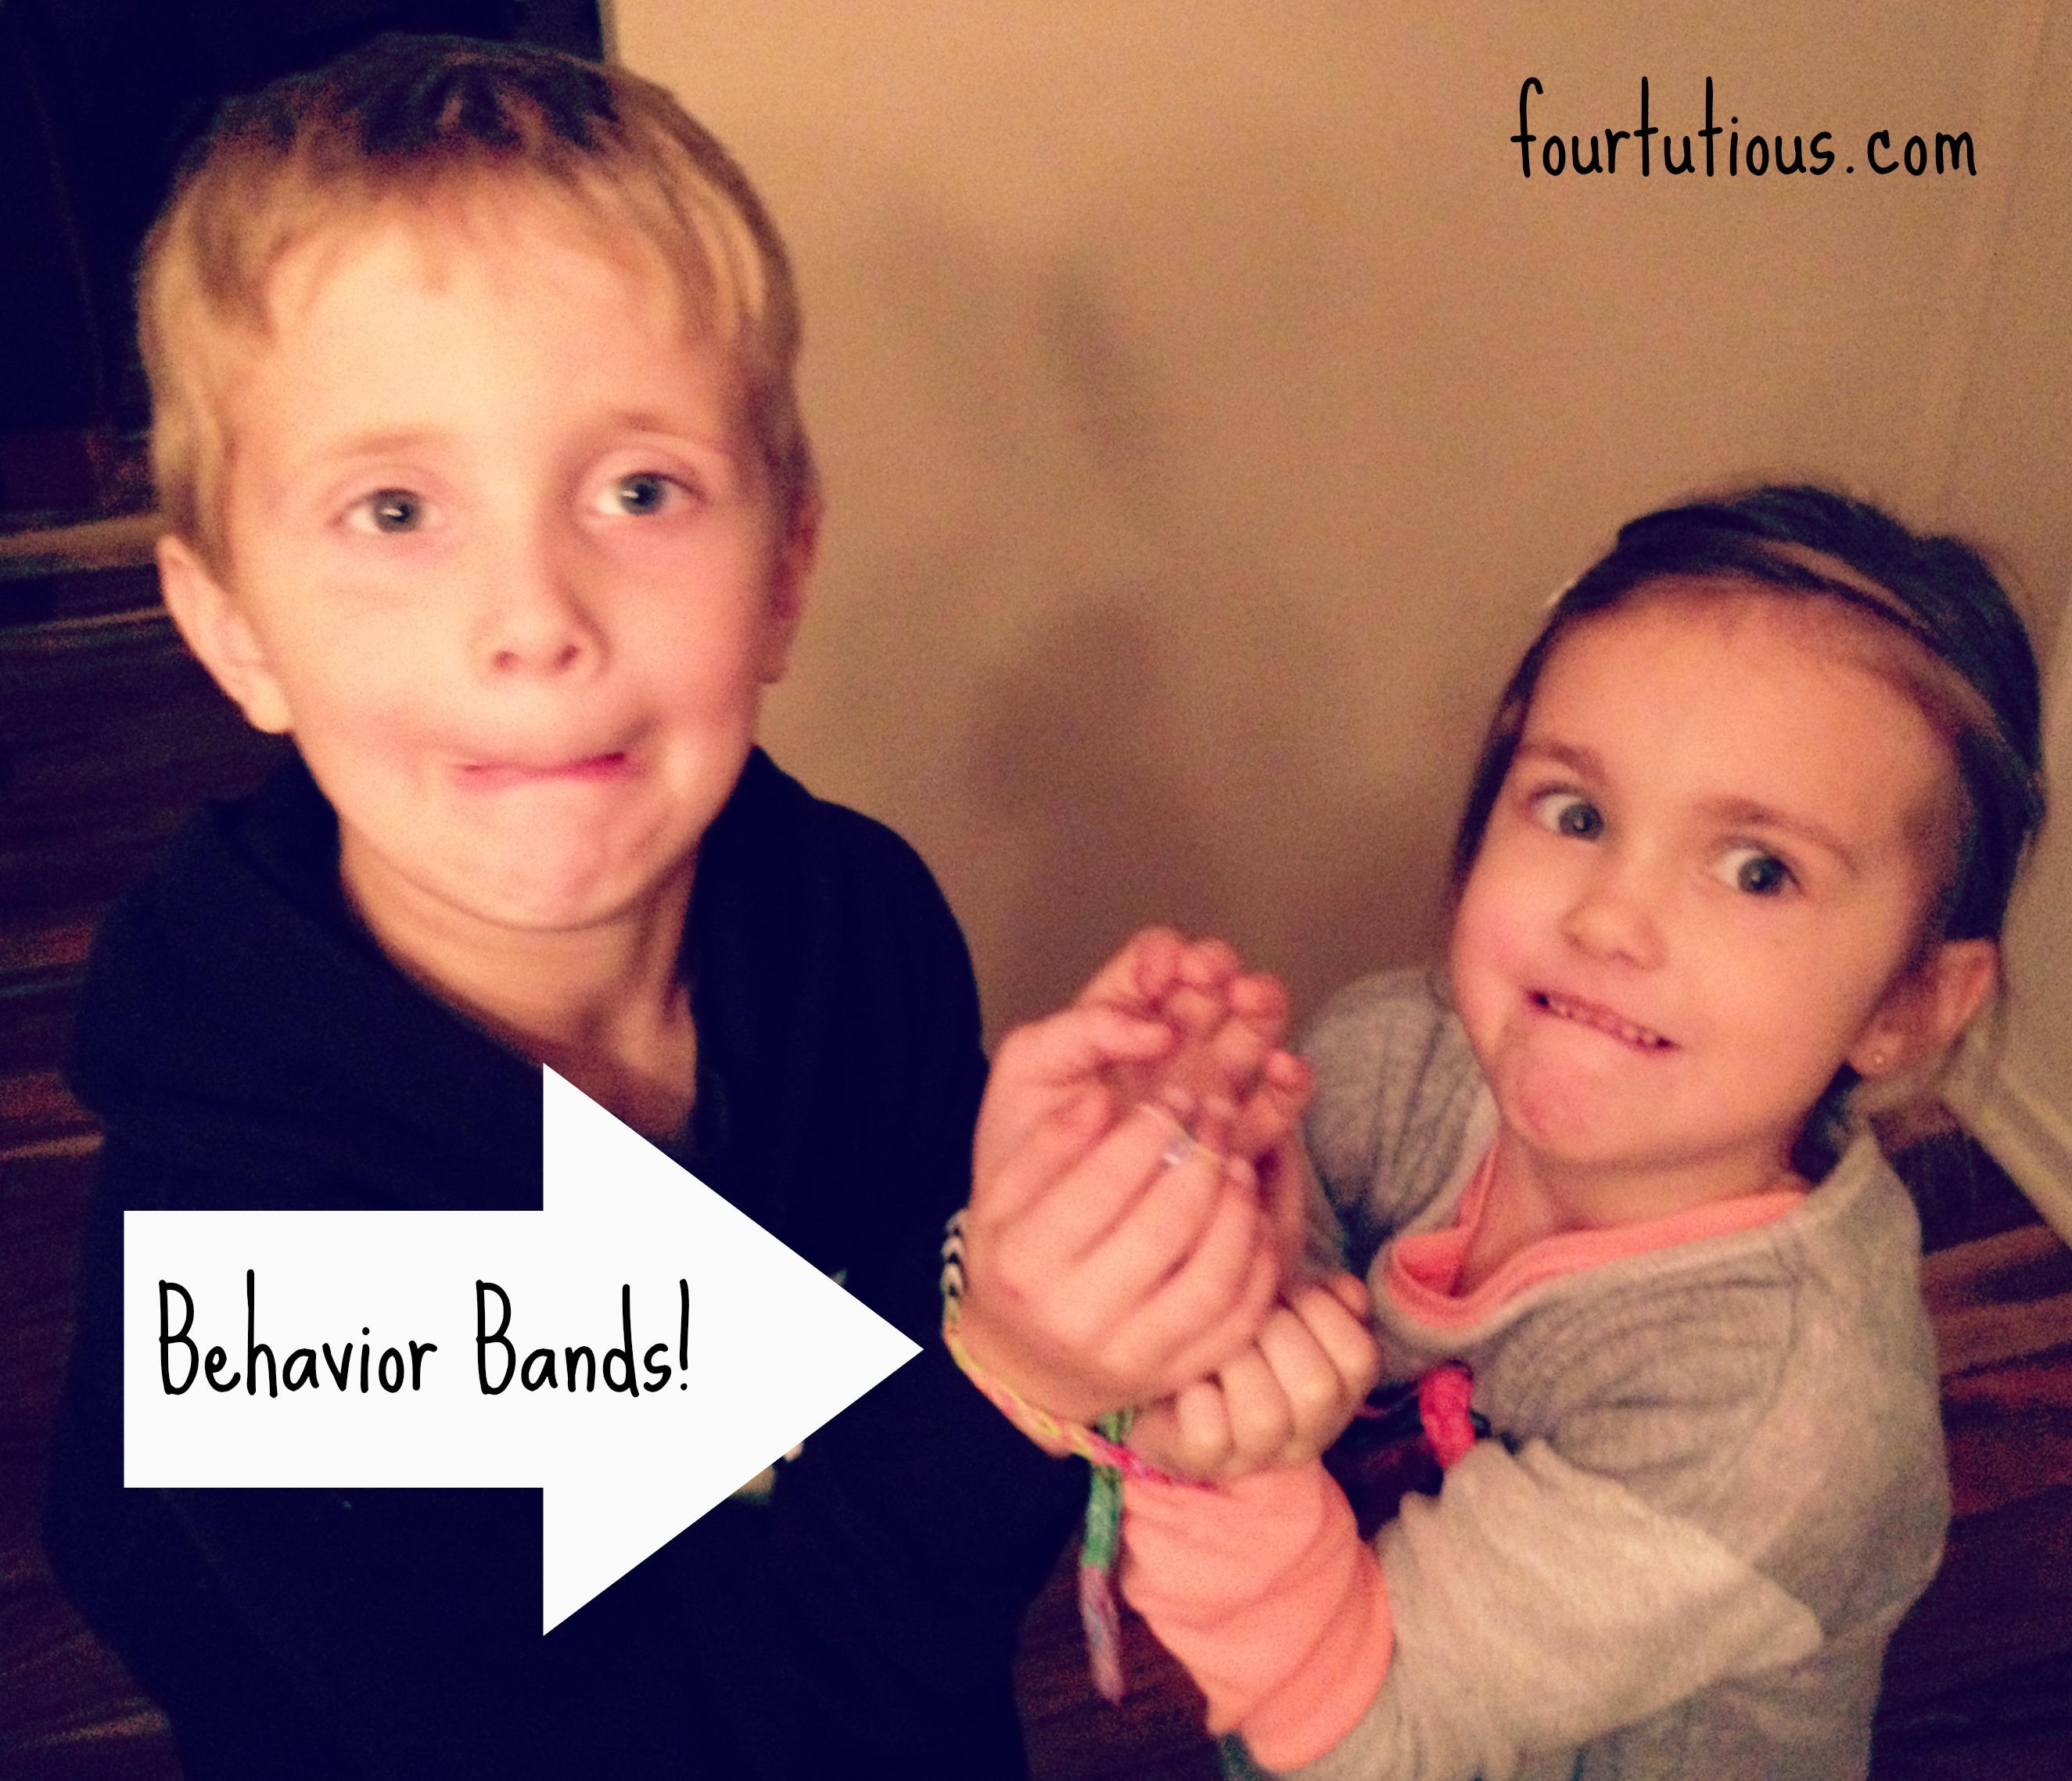 behaviorbands